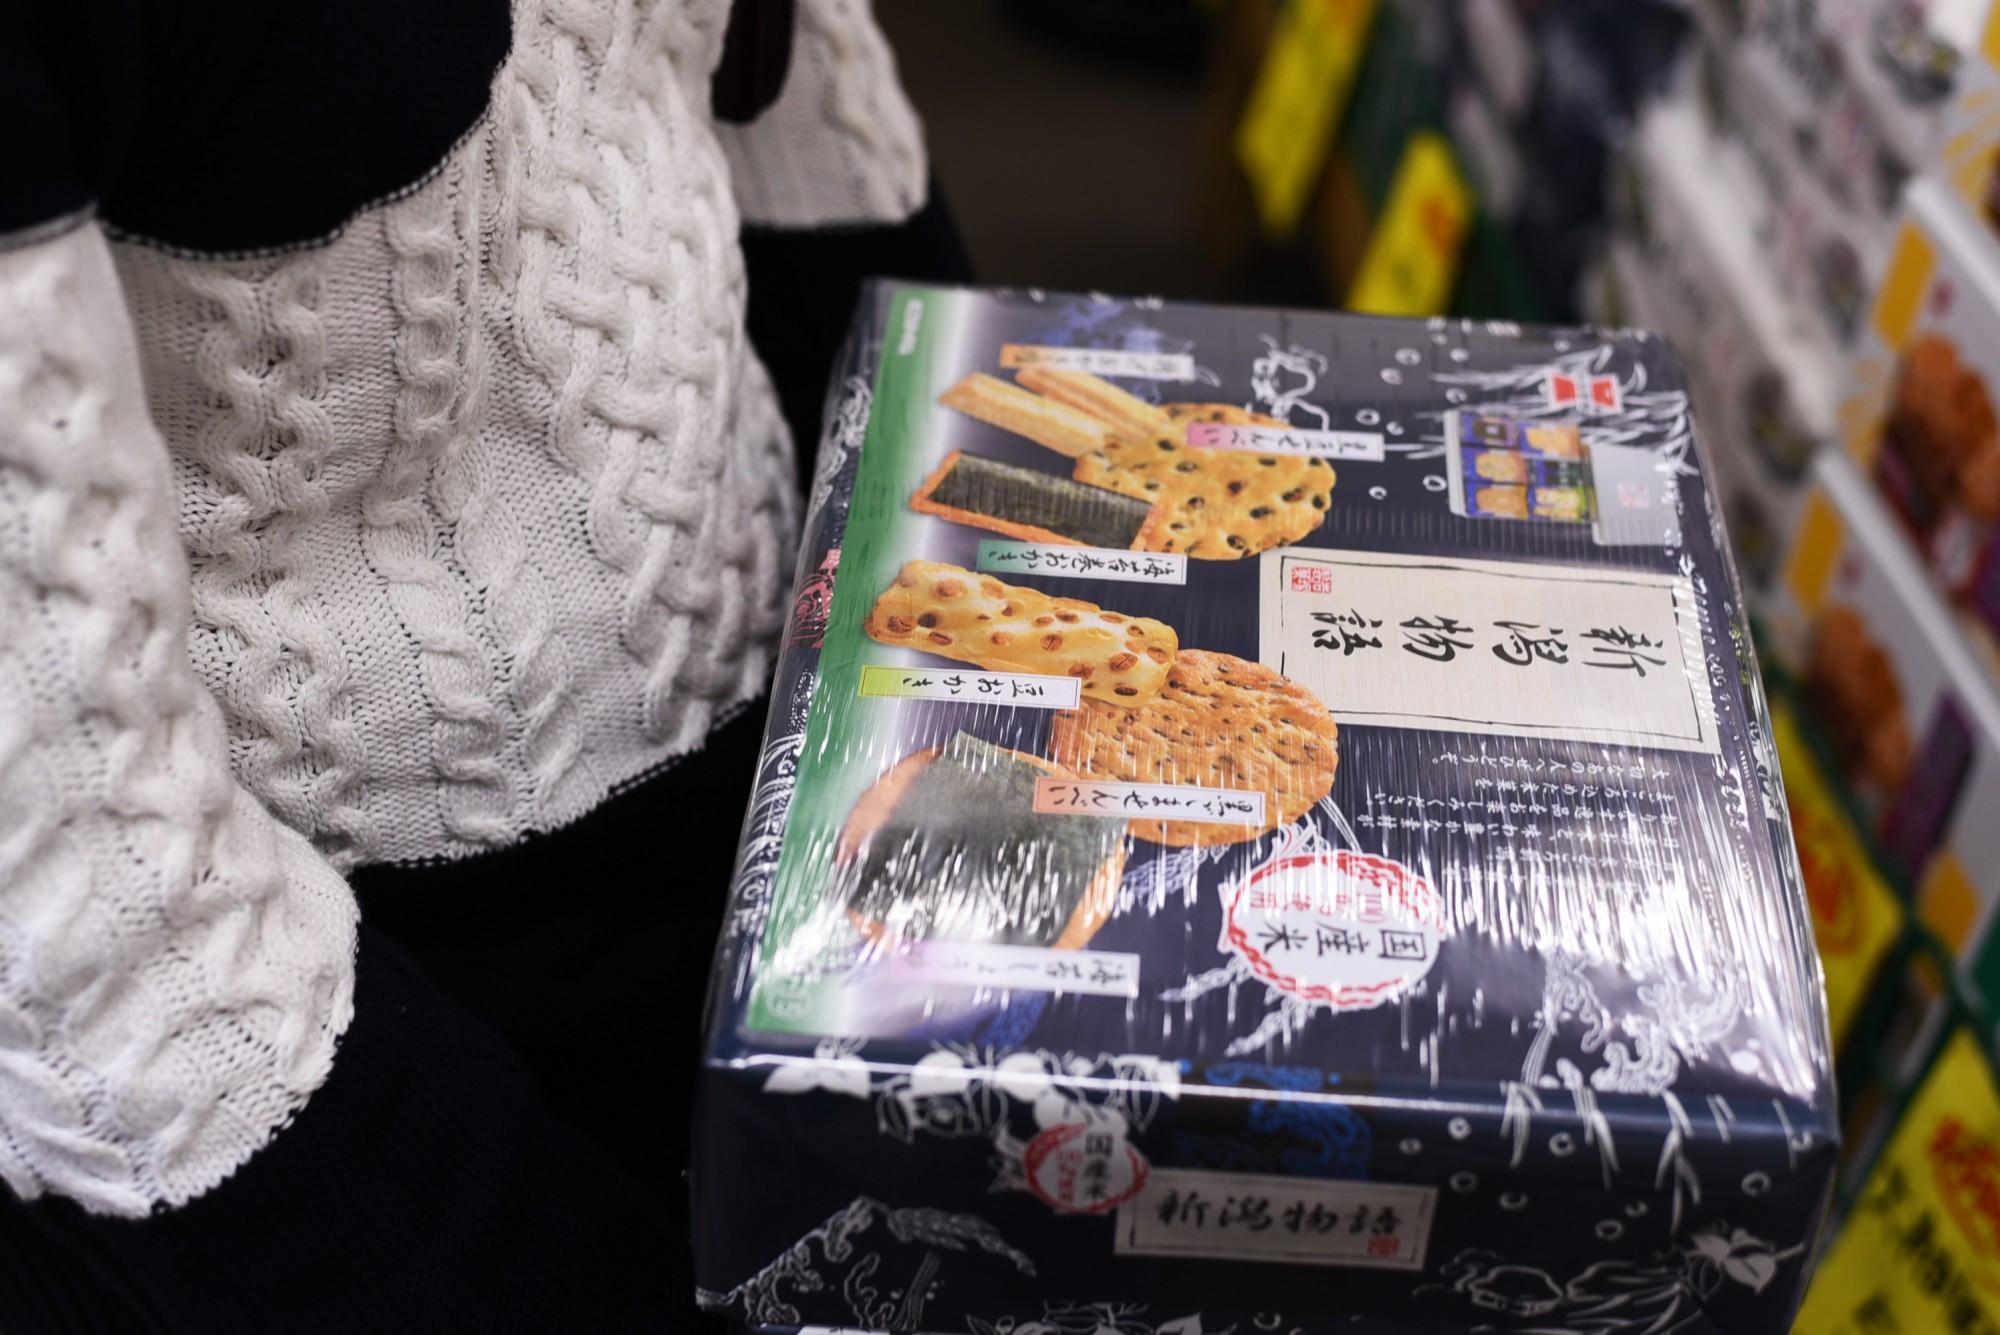 沖縄県在住・20代男性。4箱購入。